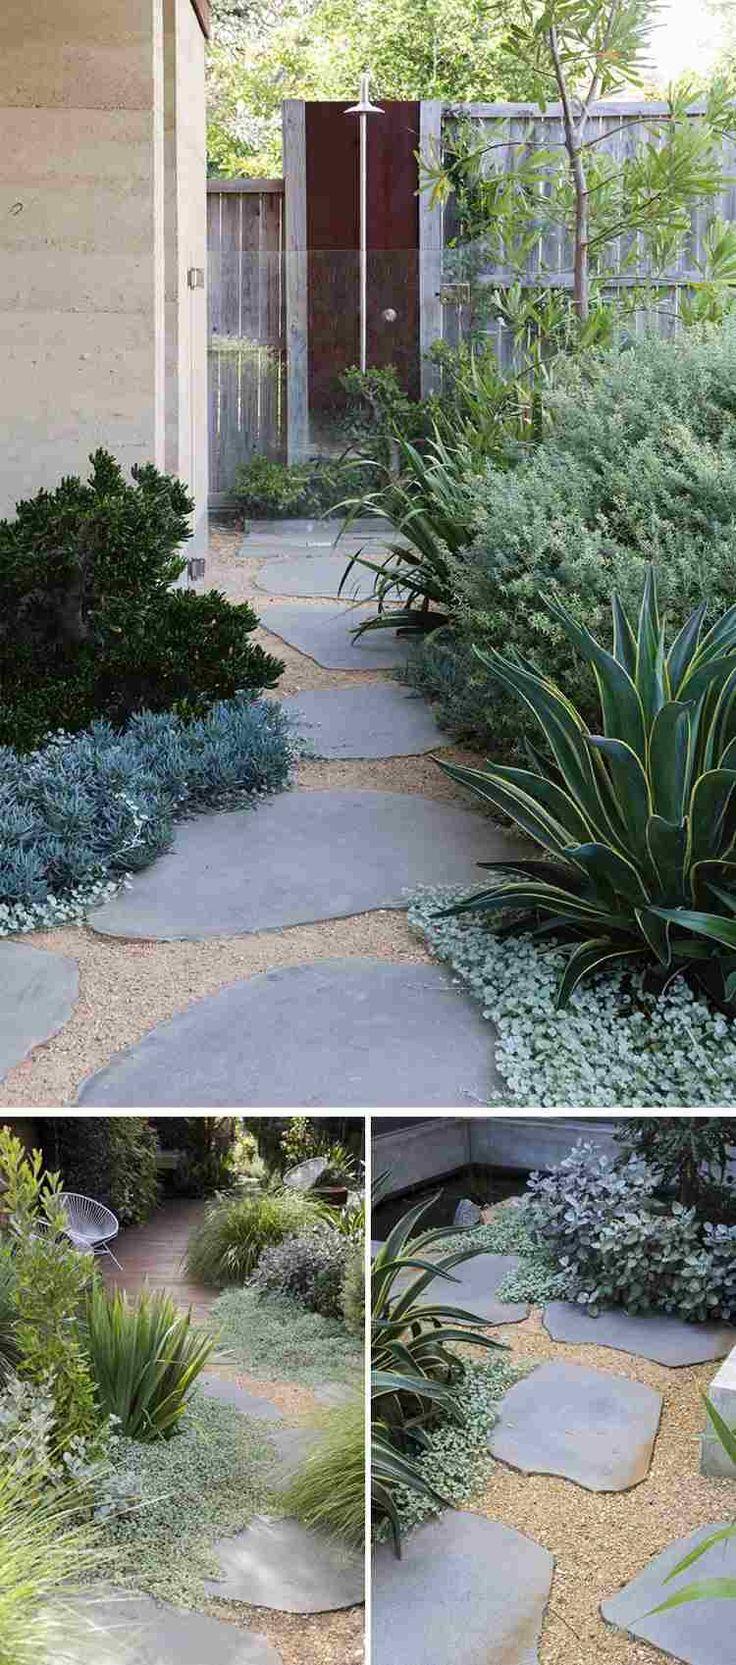 un chemin de jardin en pas japonais en ardoise grise emmène jusqu'à la douche de jardin